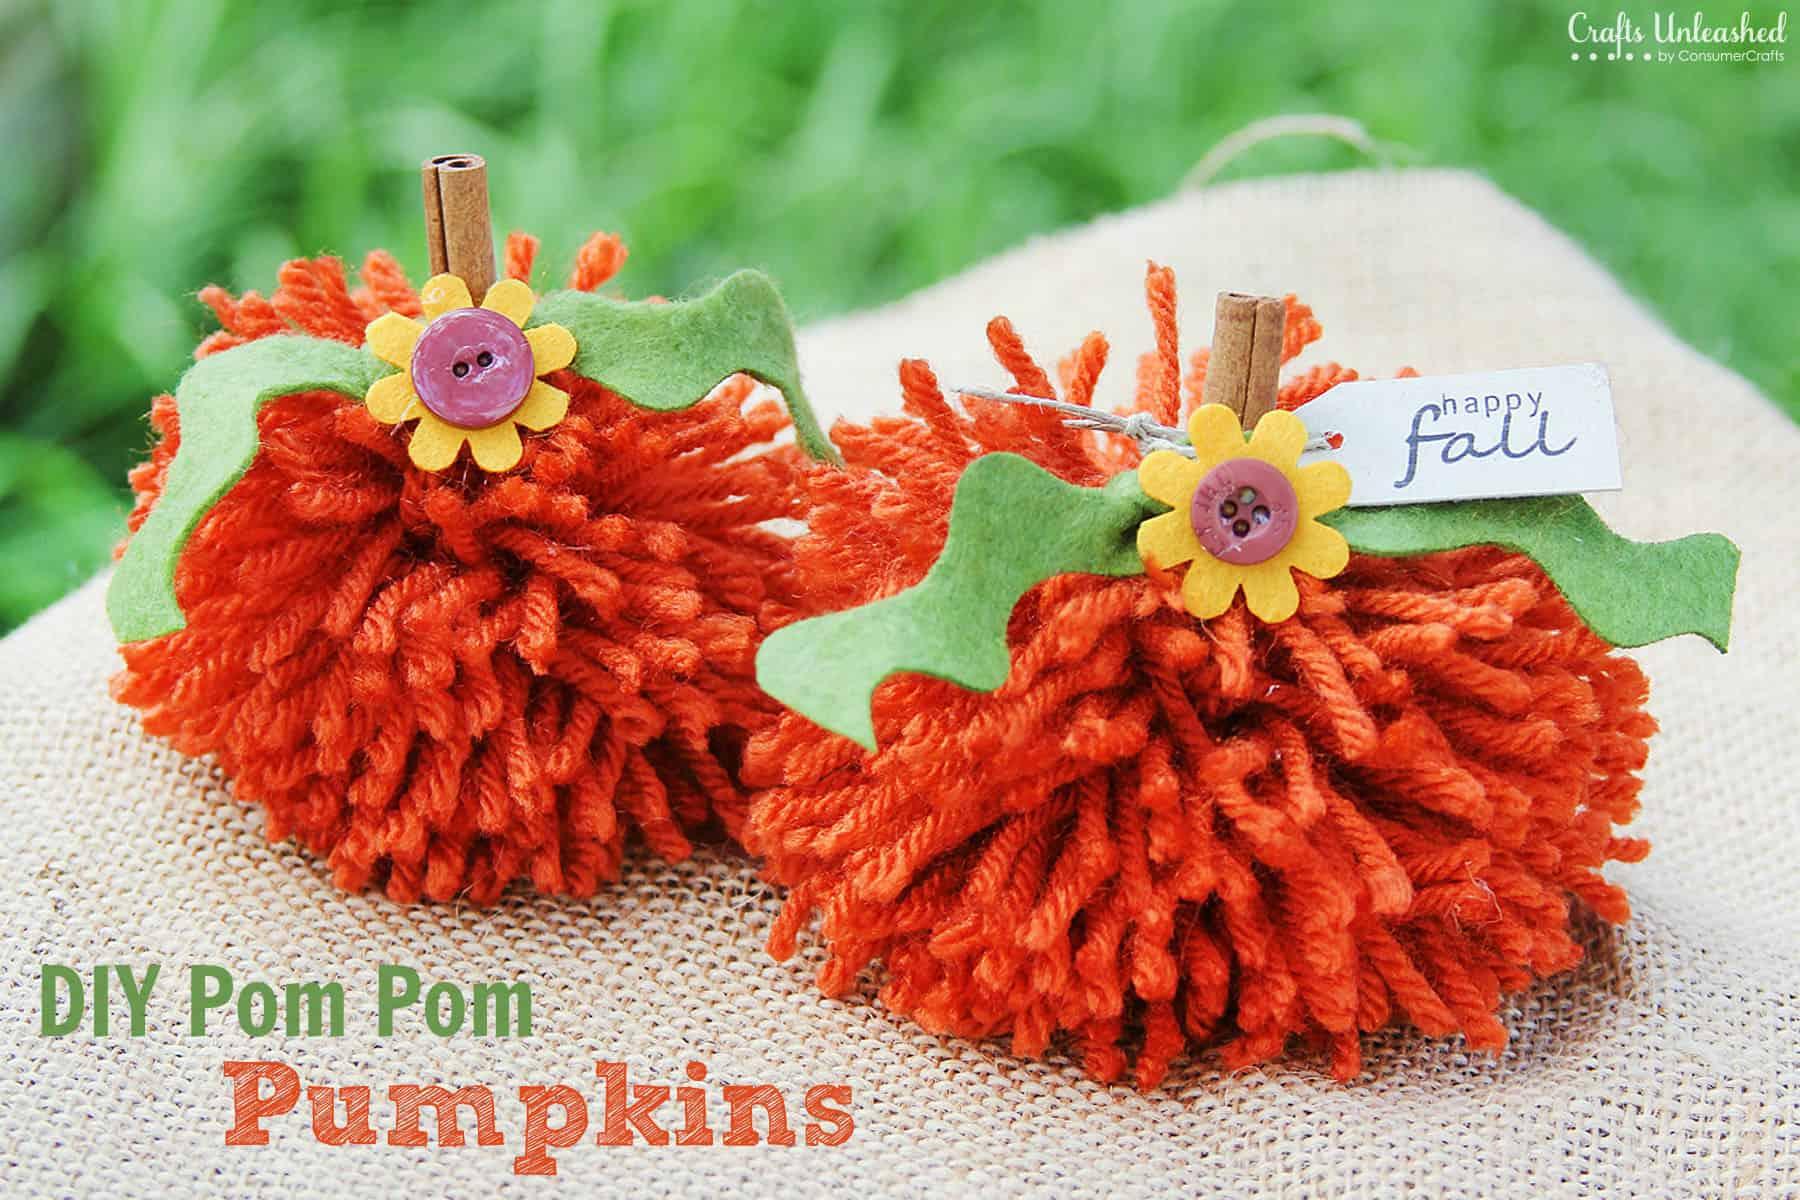 DIY pom pom pumpkins